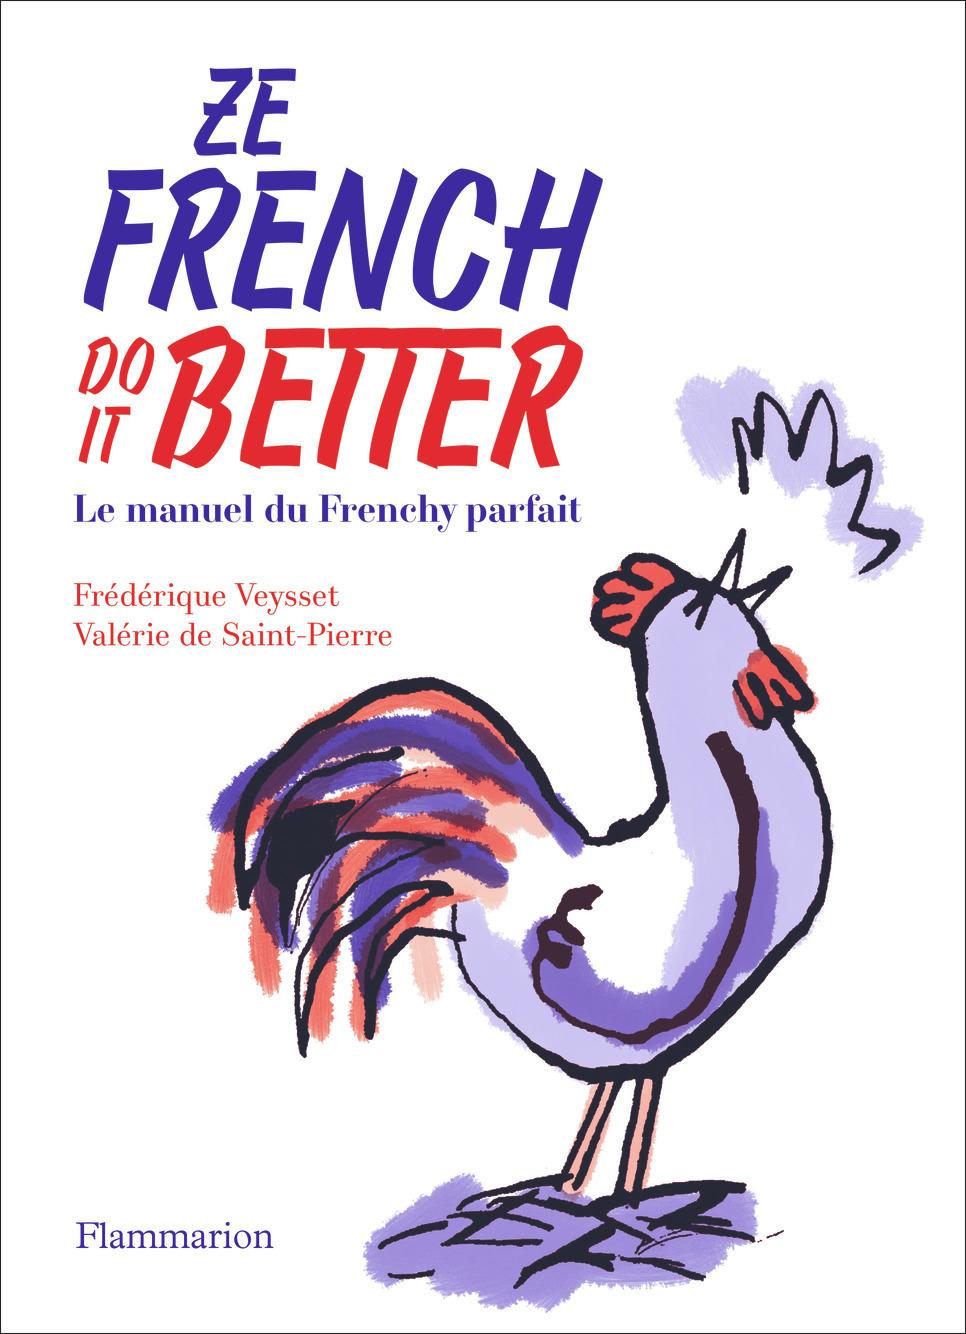 ZE FRENCH DO IT BETTER - LE MANUEL DU FRENCHY PARFAIT